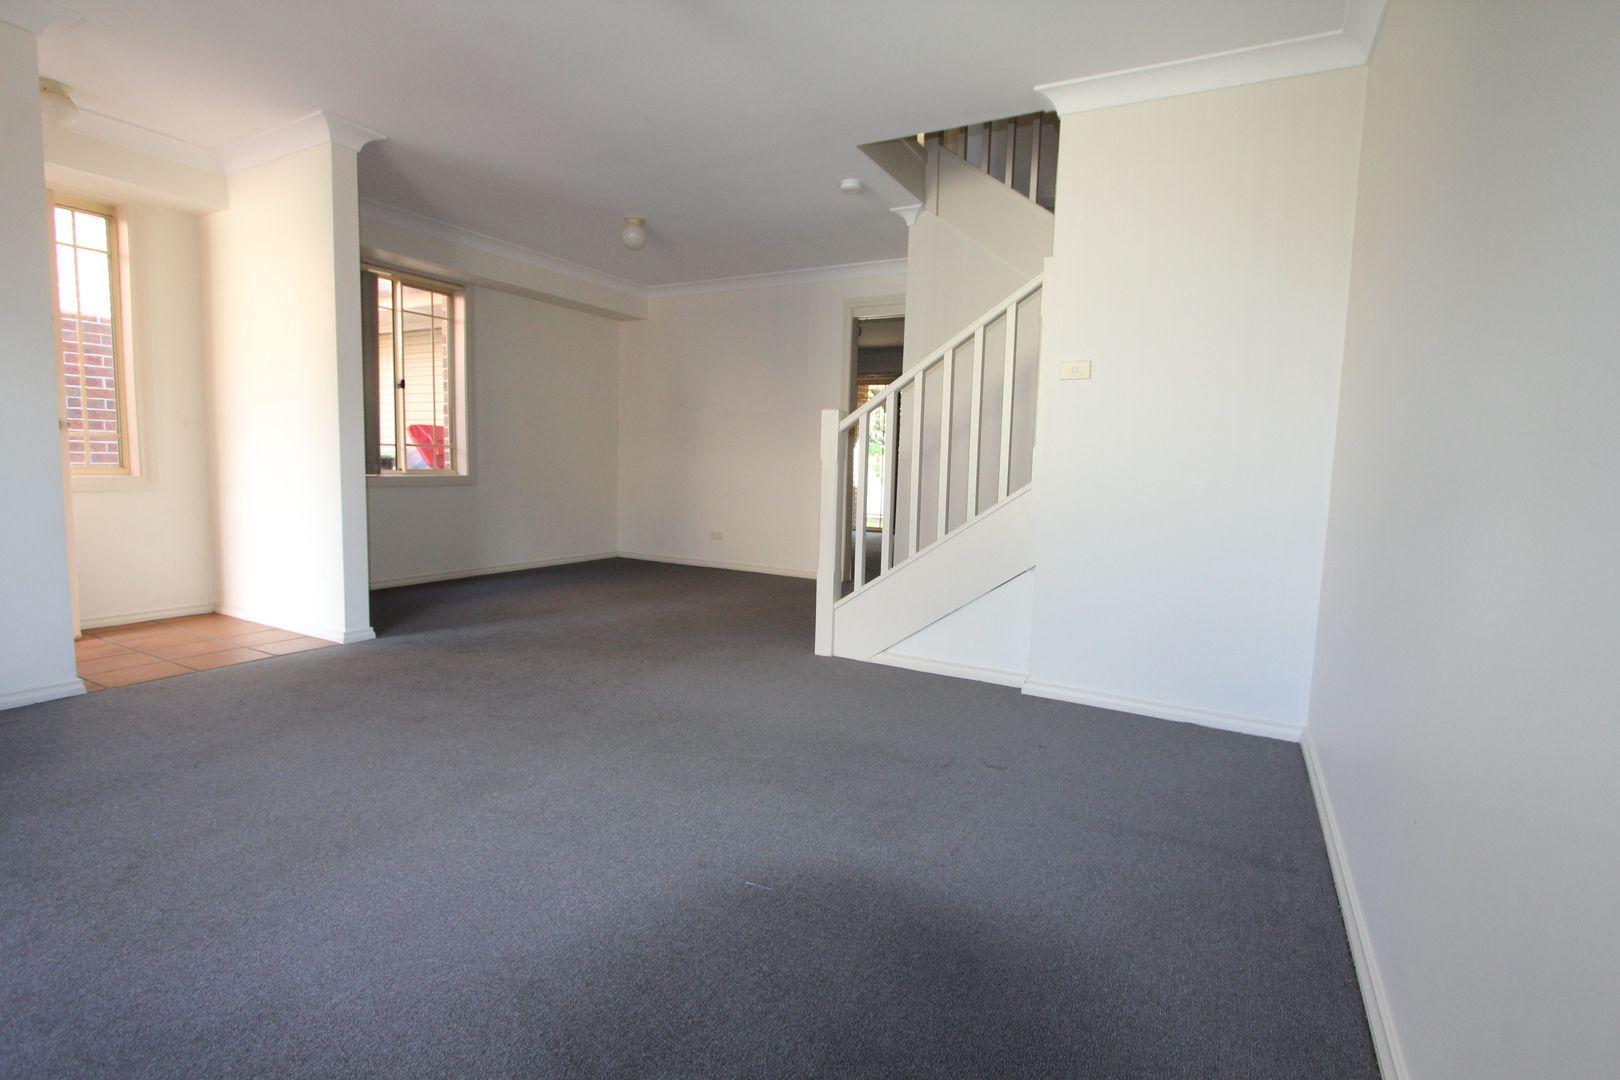 4/42-46 Wellwood Avenue, Moorebank NSW 2170, Image 1